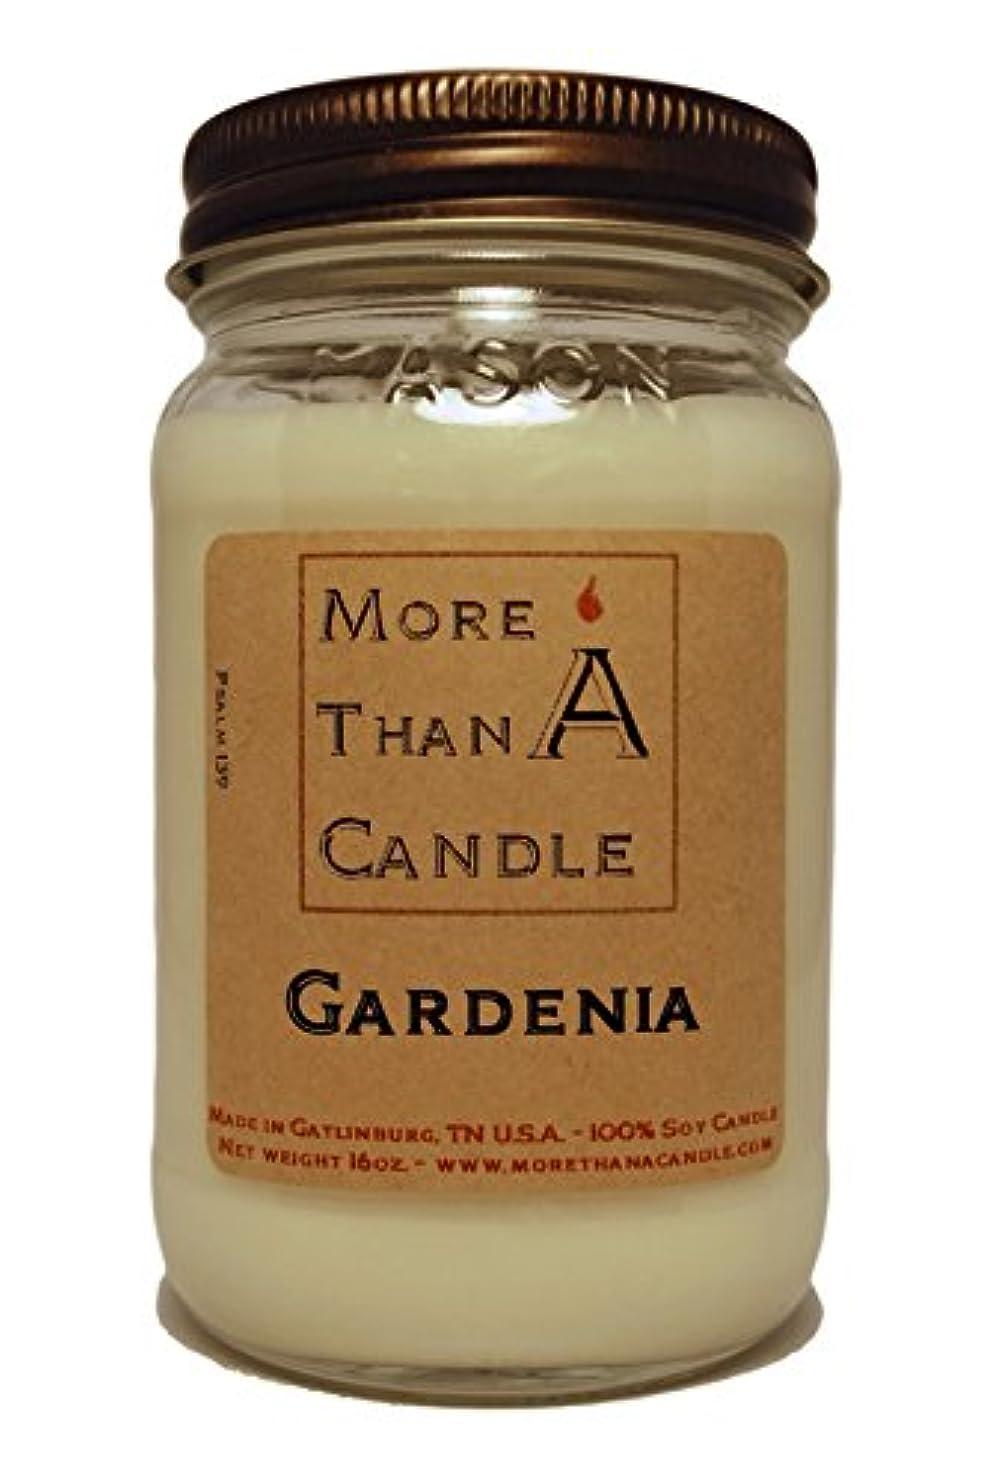 計画ラジカルラメMore Than A Candle GDA16M 16 oz Mason Jar Soy Candle, Gardenia